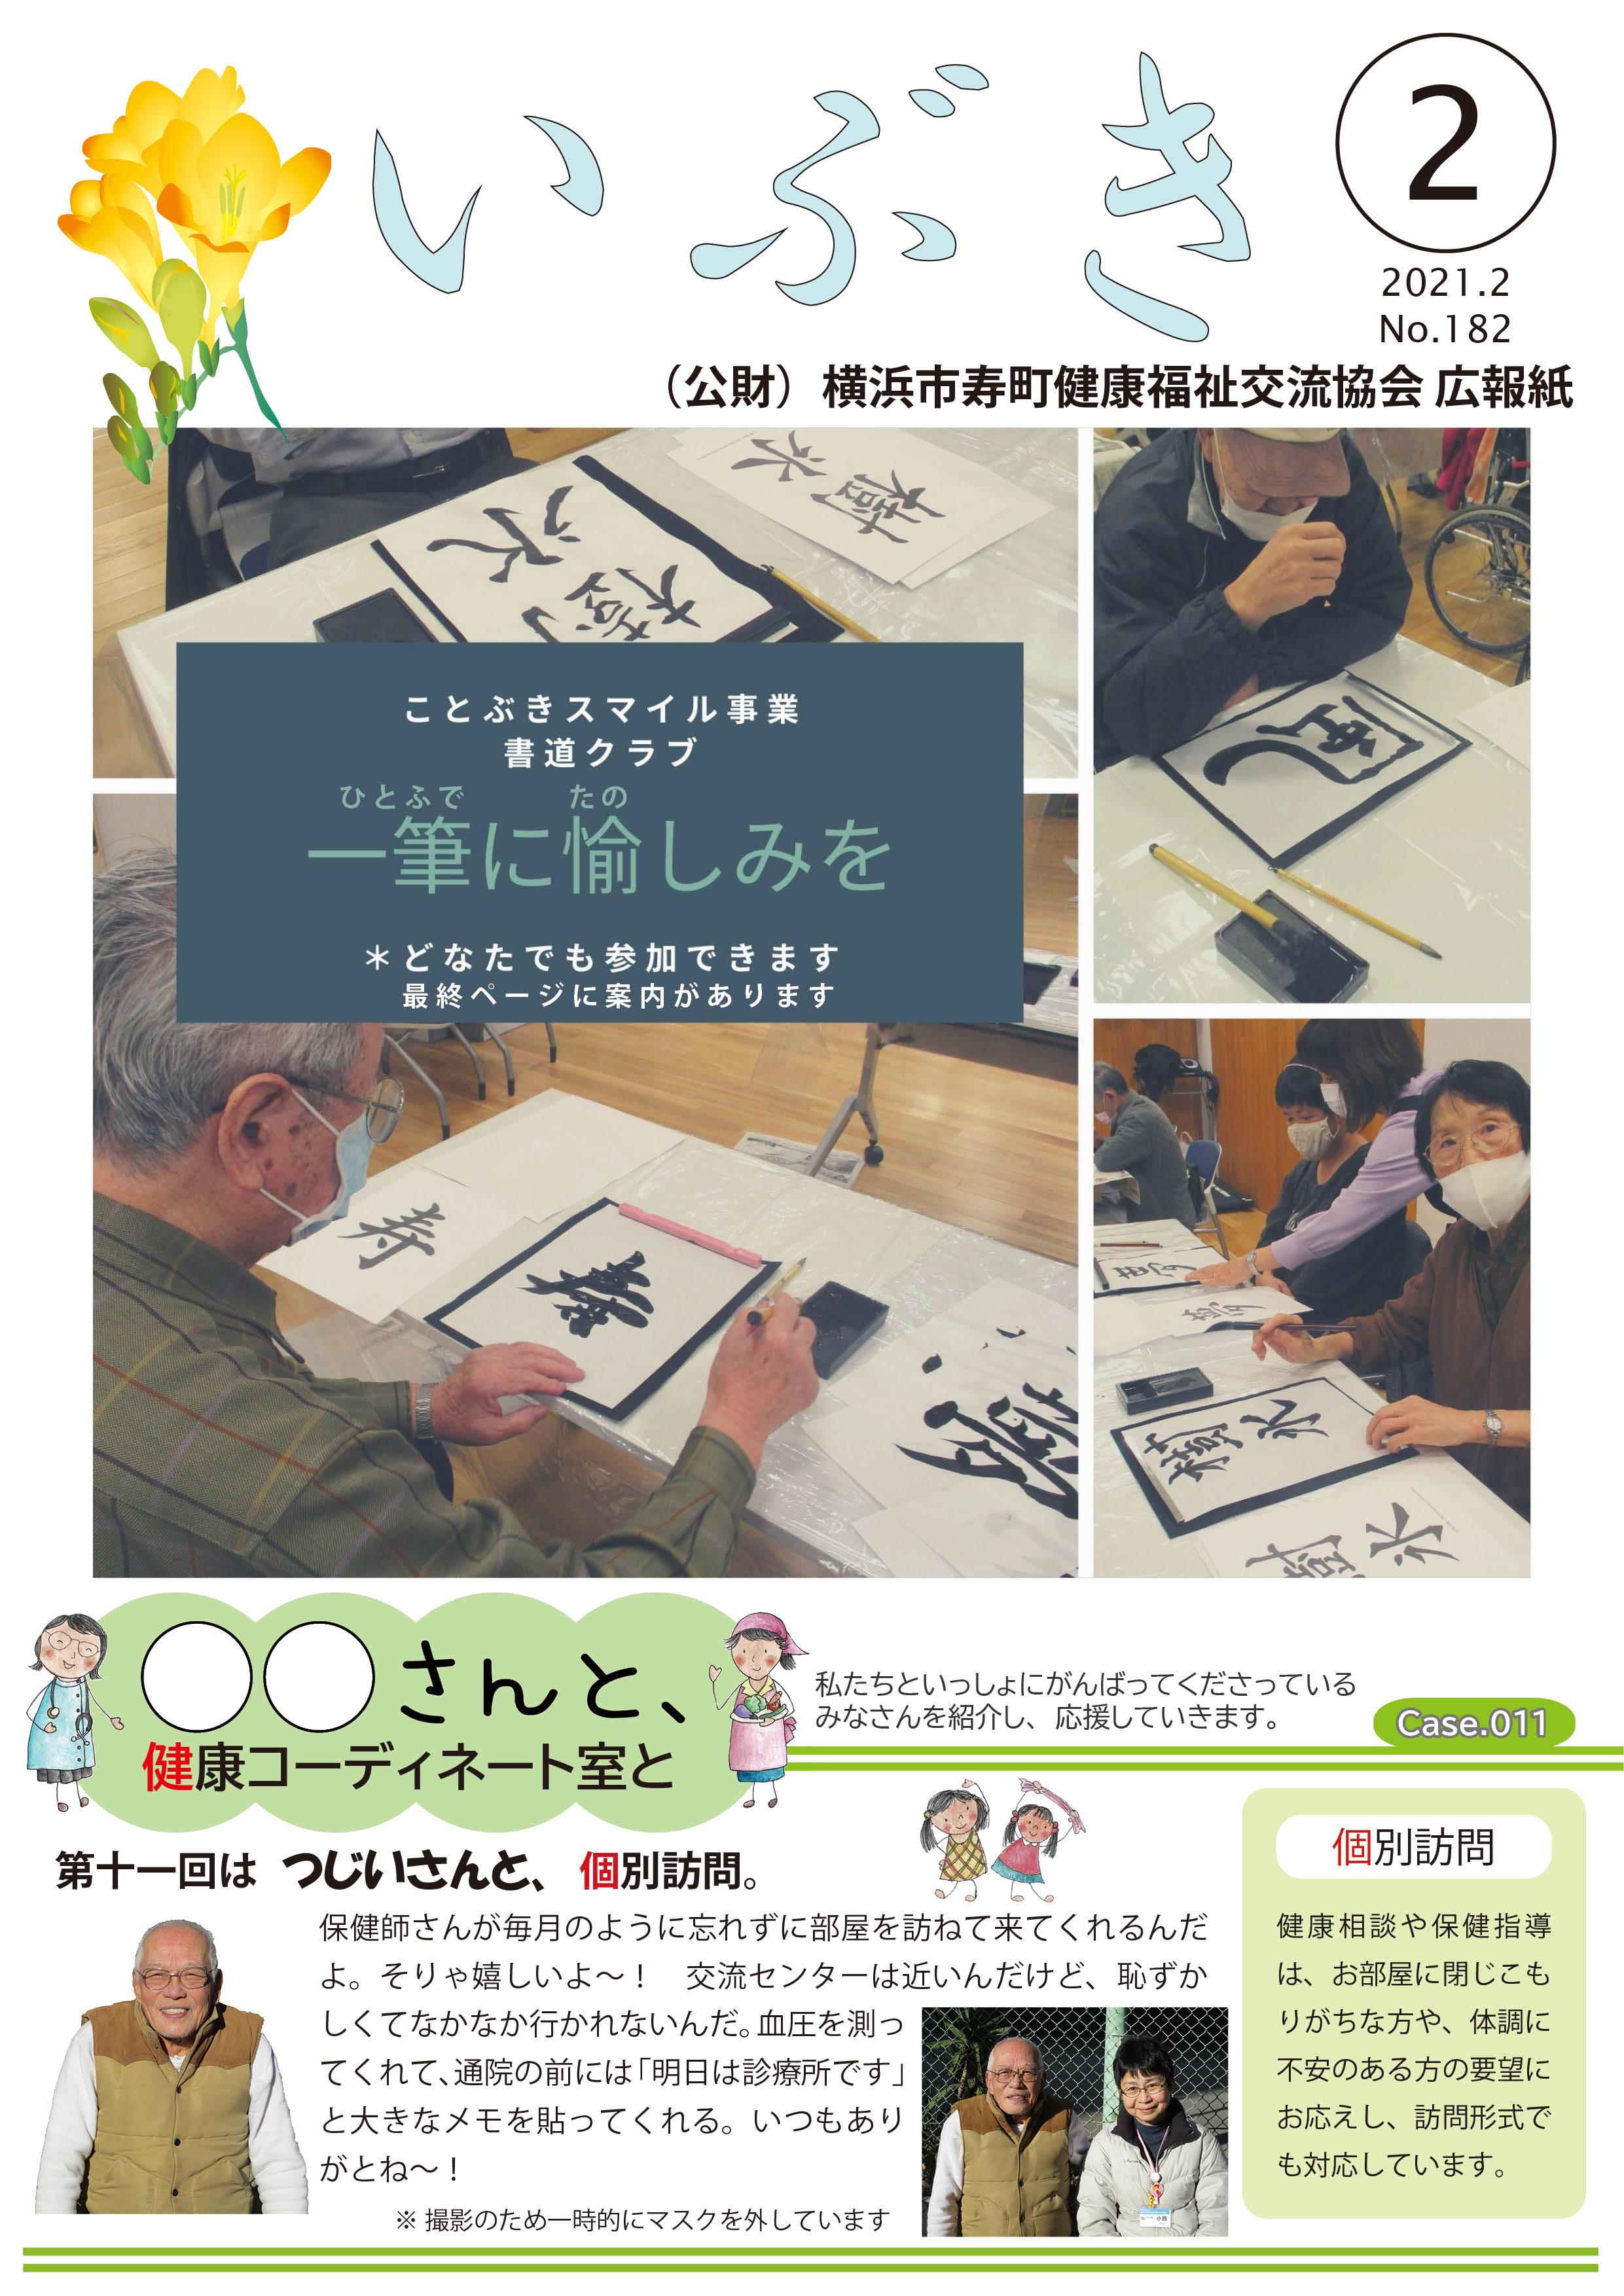 広報紙いぶき2021年2月号(No.182)